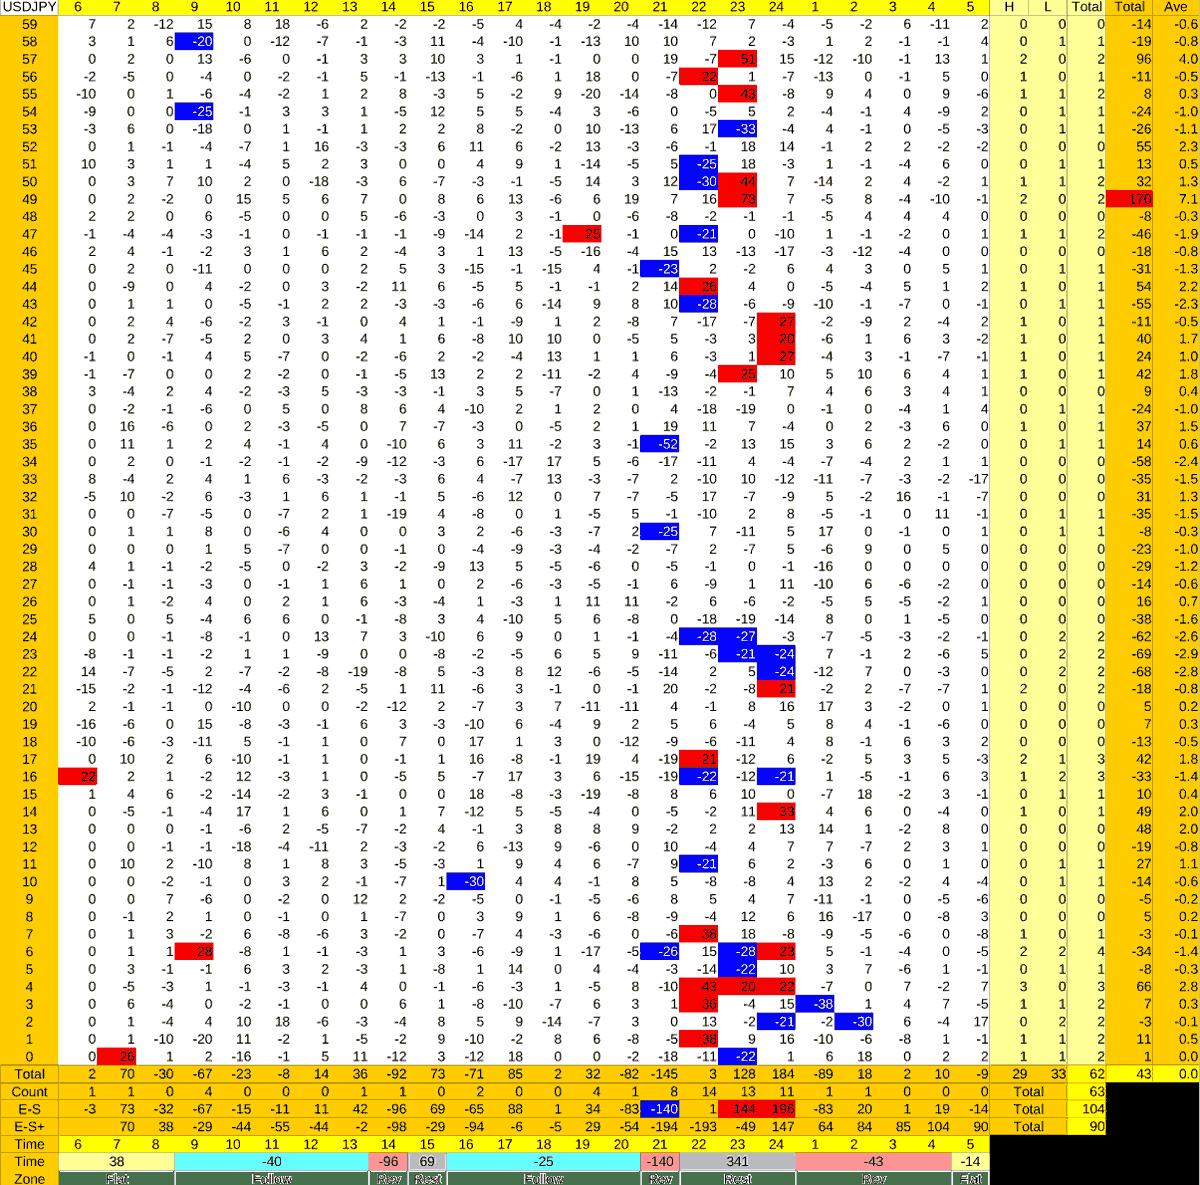 20210831_HS(1)USDJPY-min